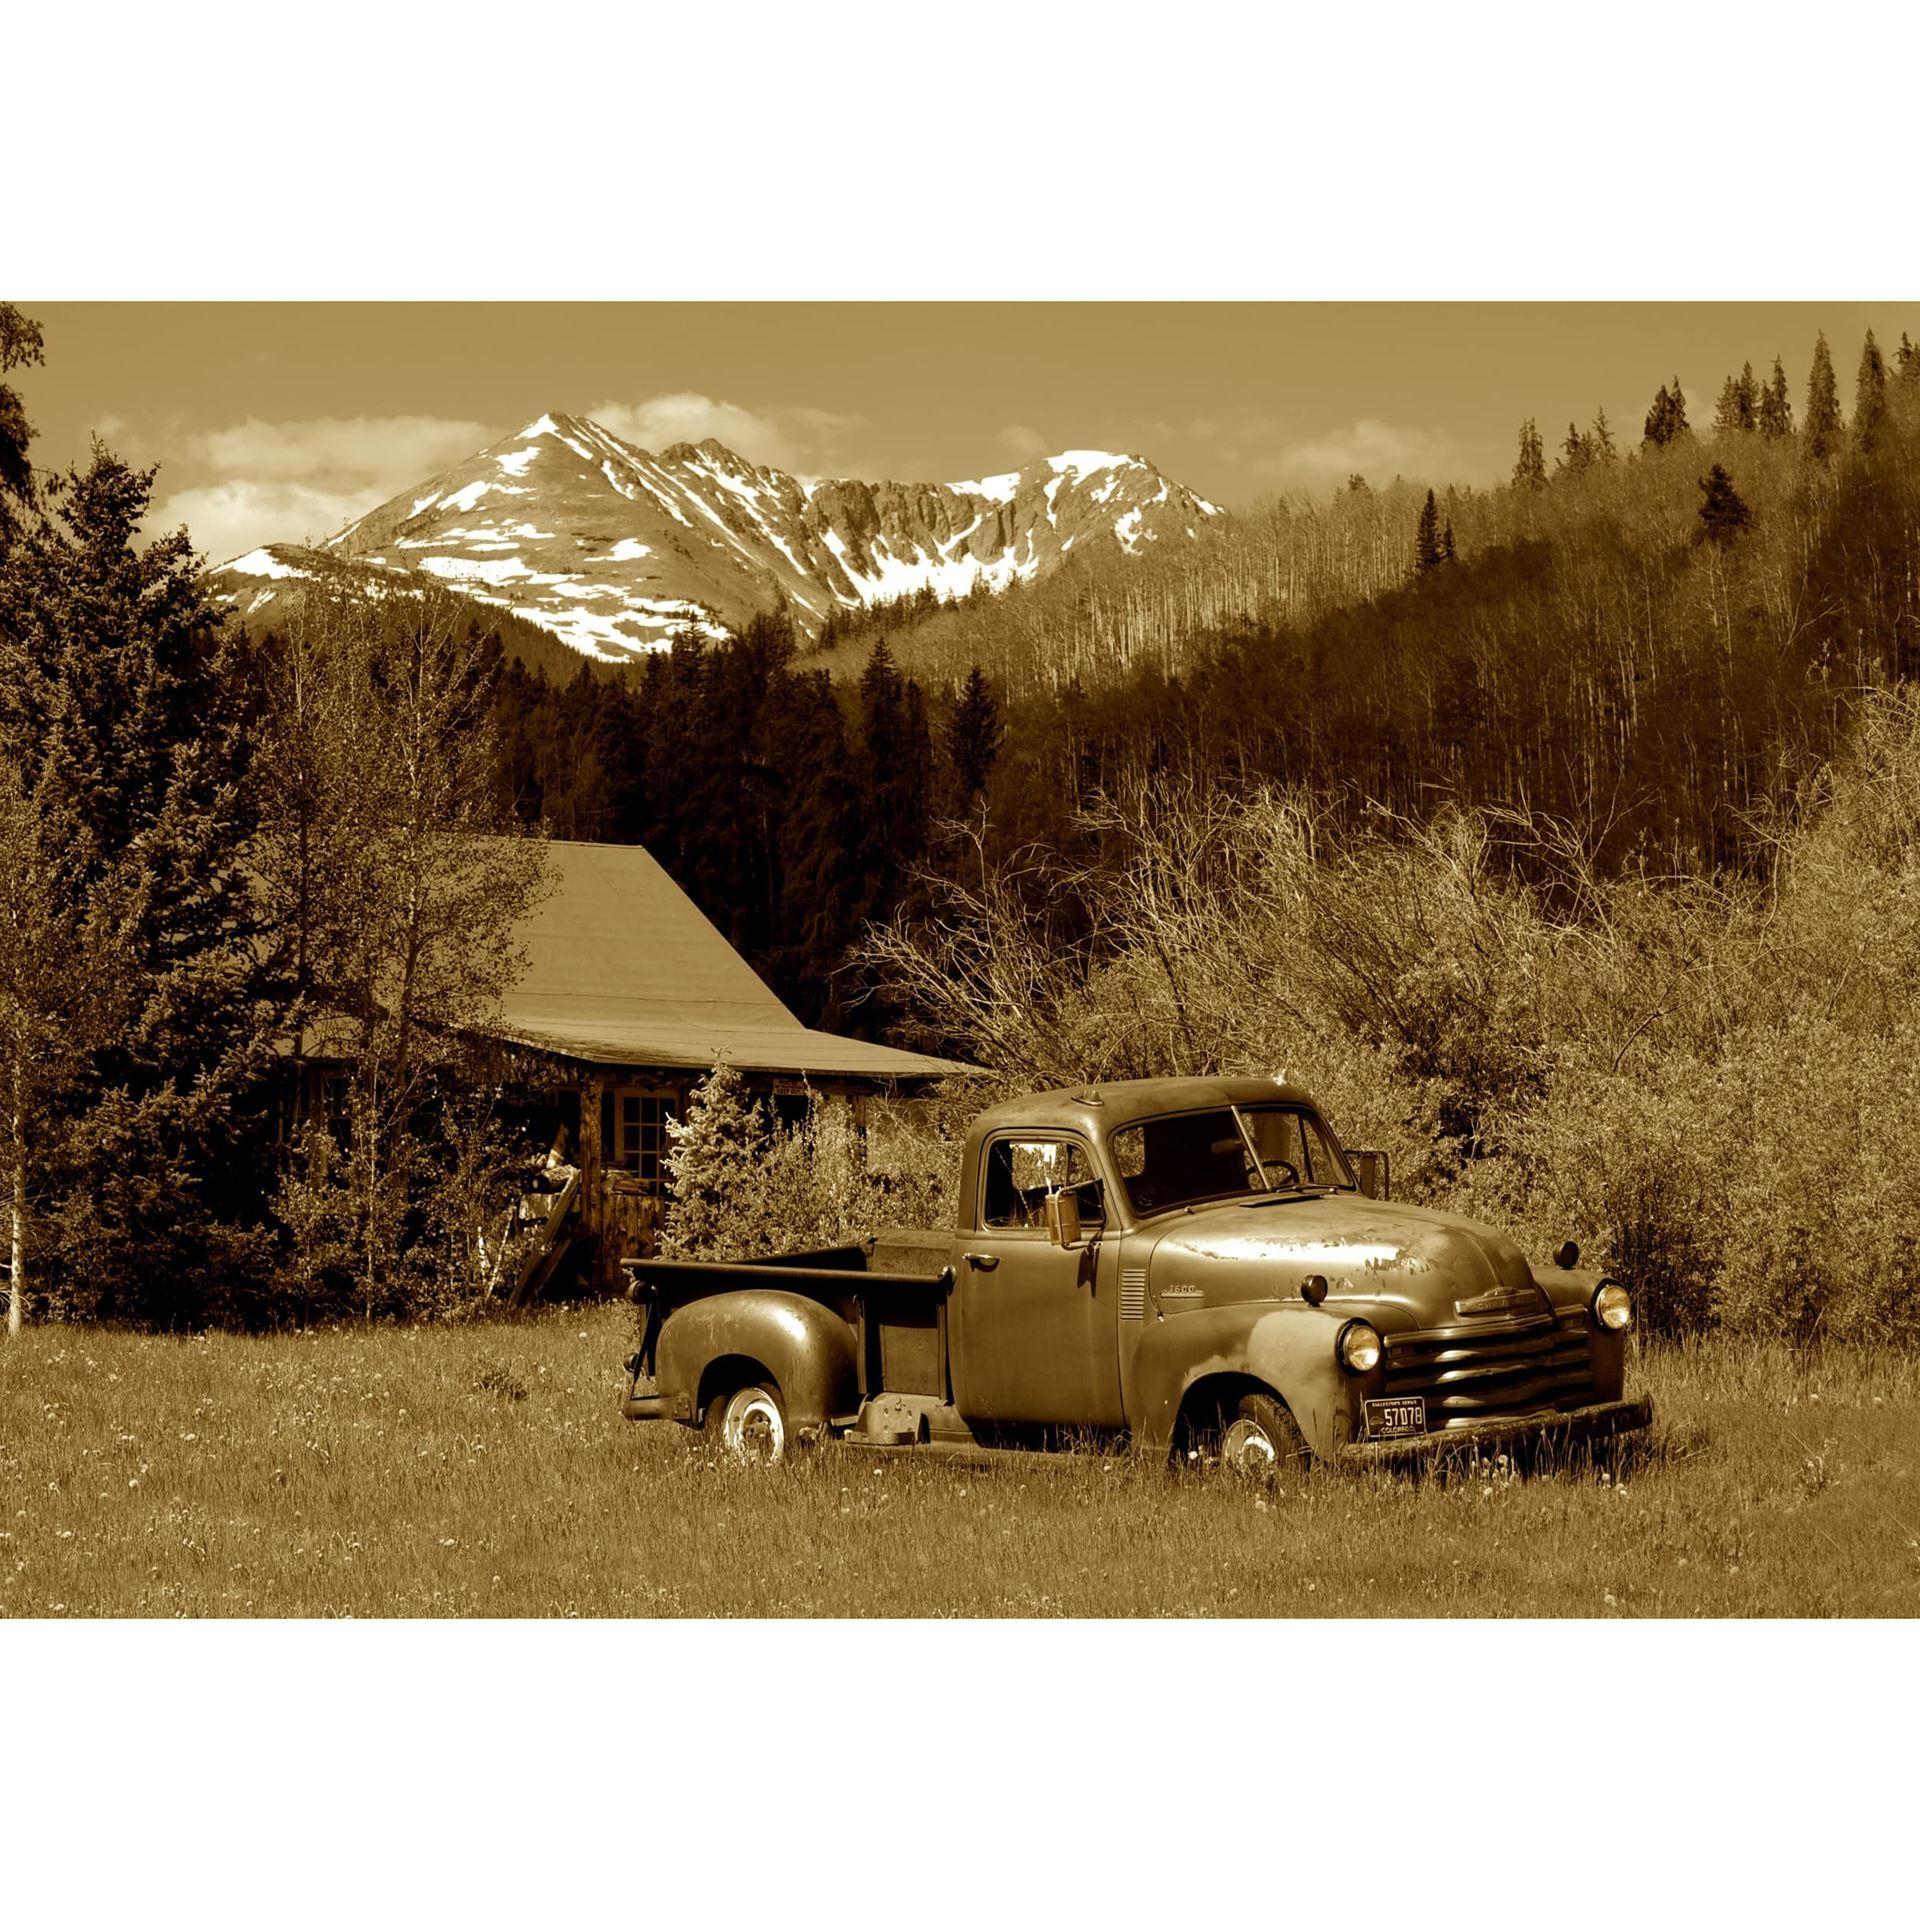 Mountain Solitude 48x32